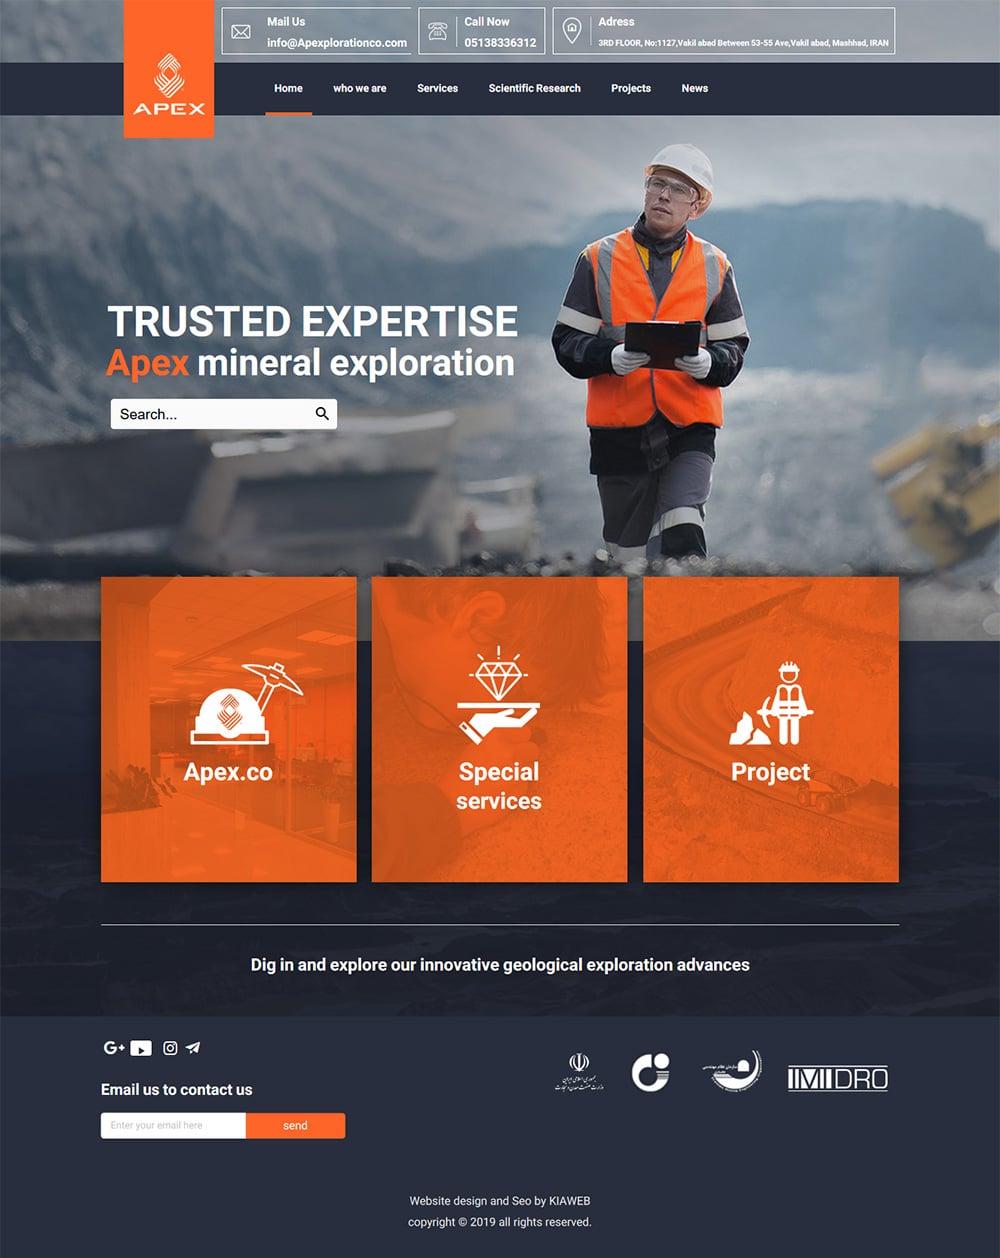 طراحی سایت مشهد-کیاوب طراحی فروشگاه اینترنتی مشهد